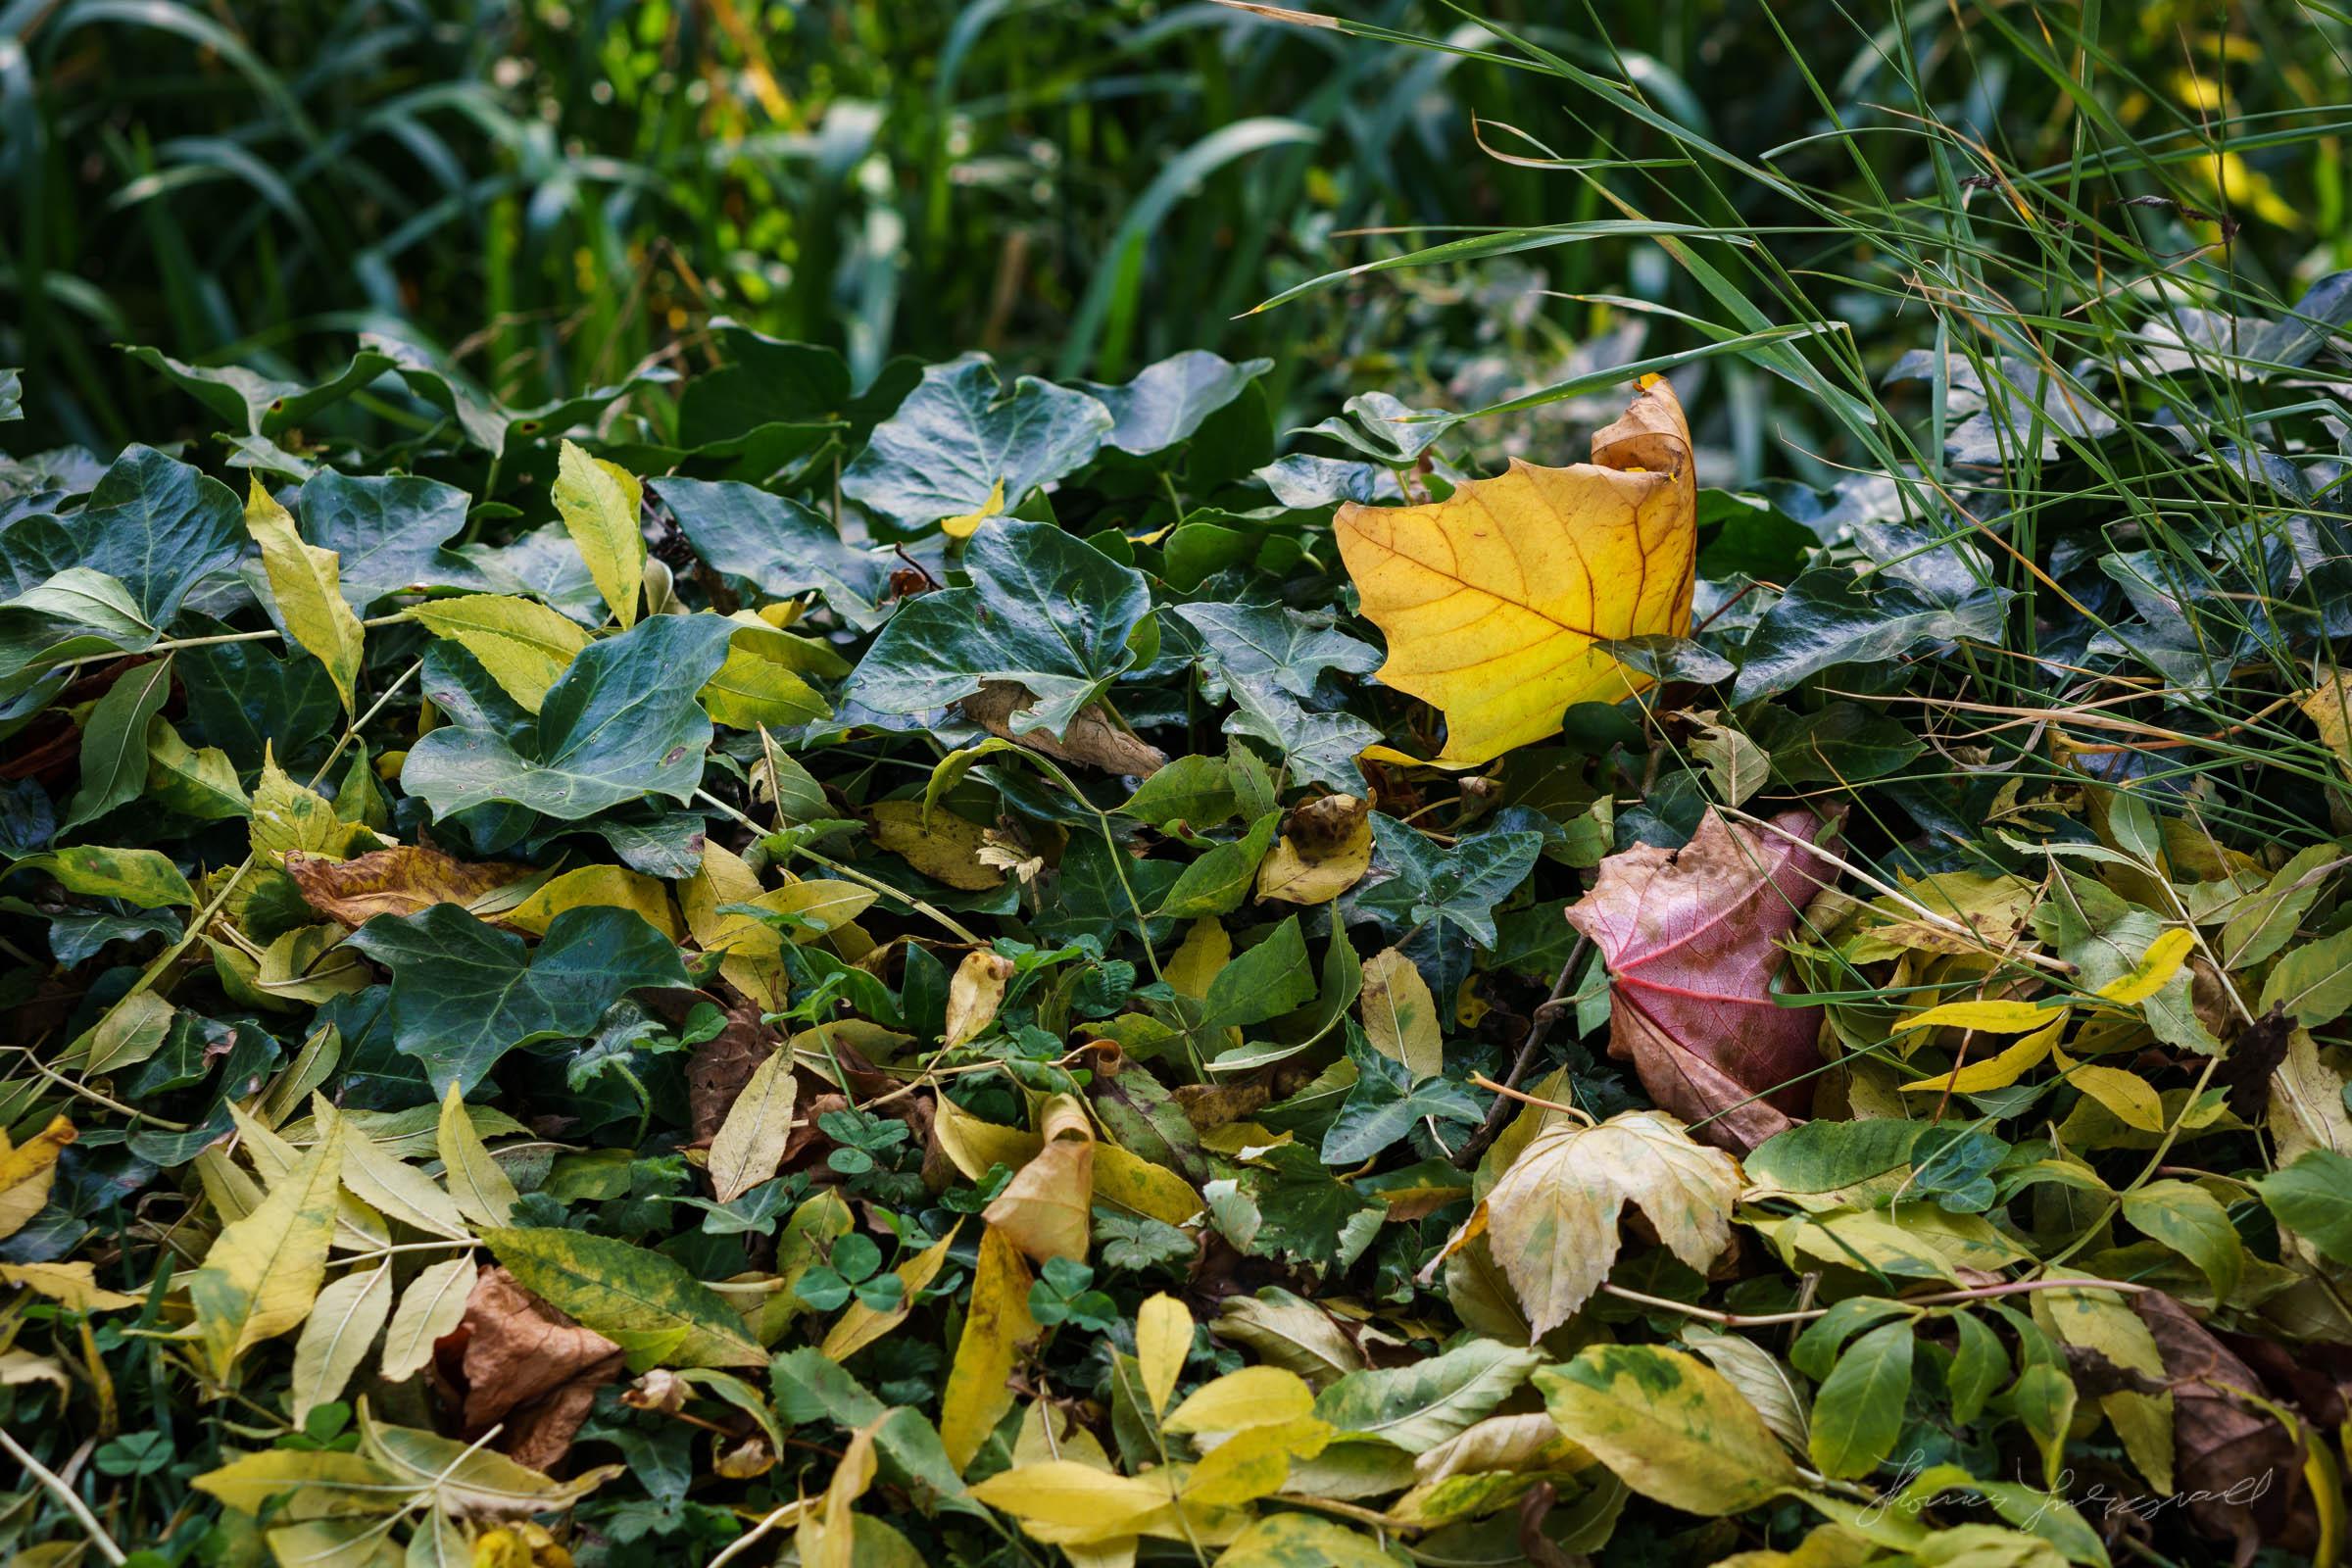 Autumn-Dublin-Sony-A6000-47.jpg